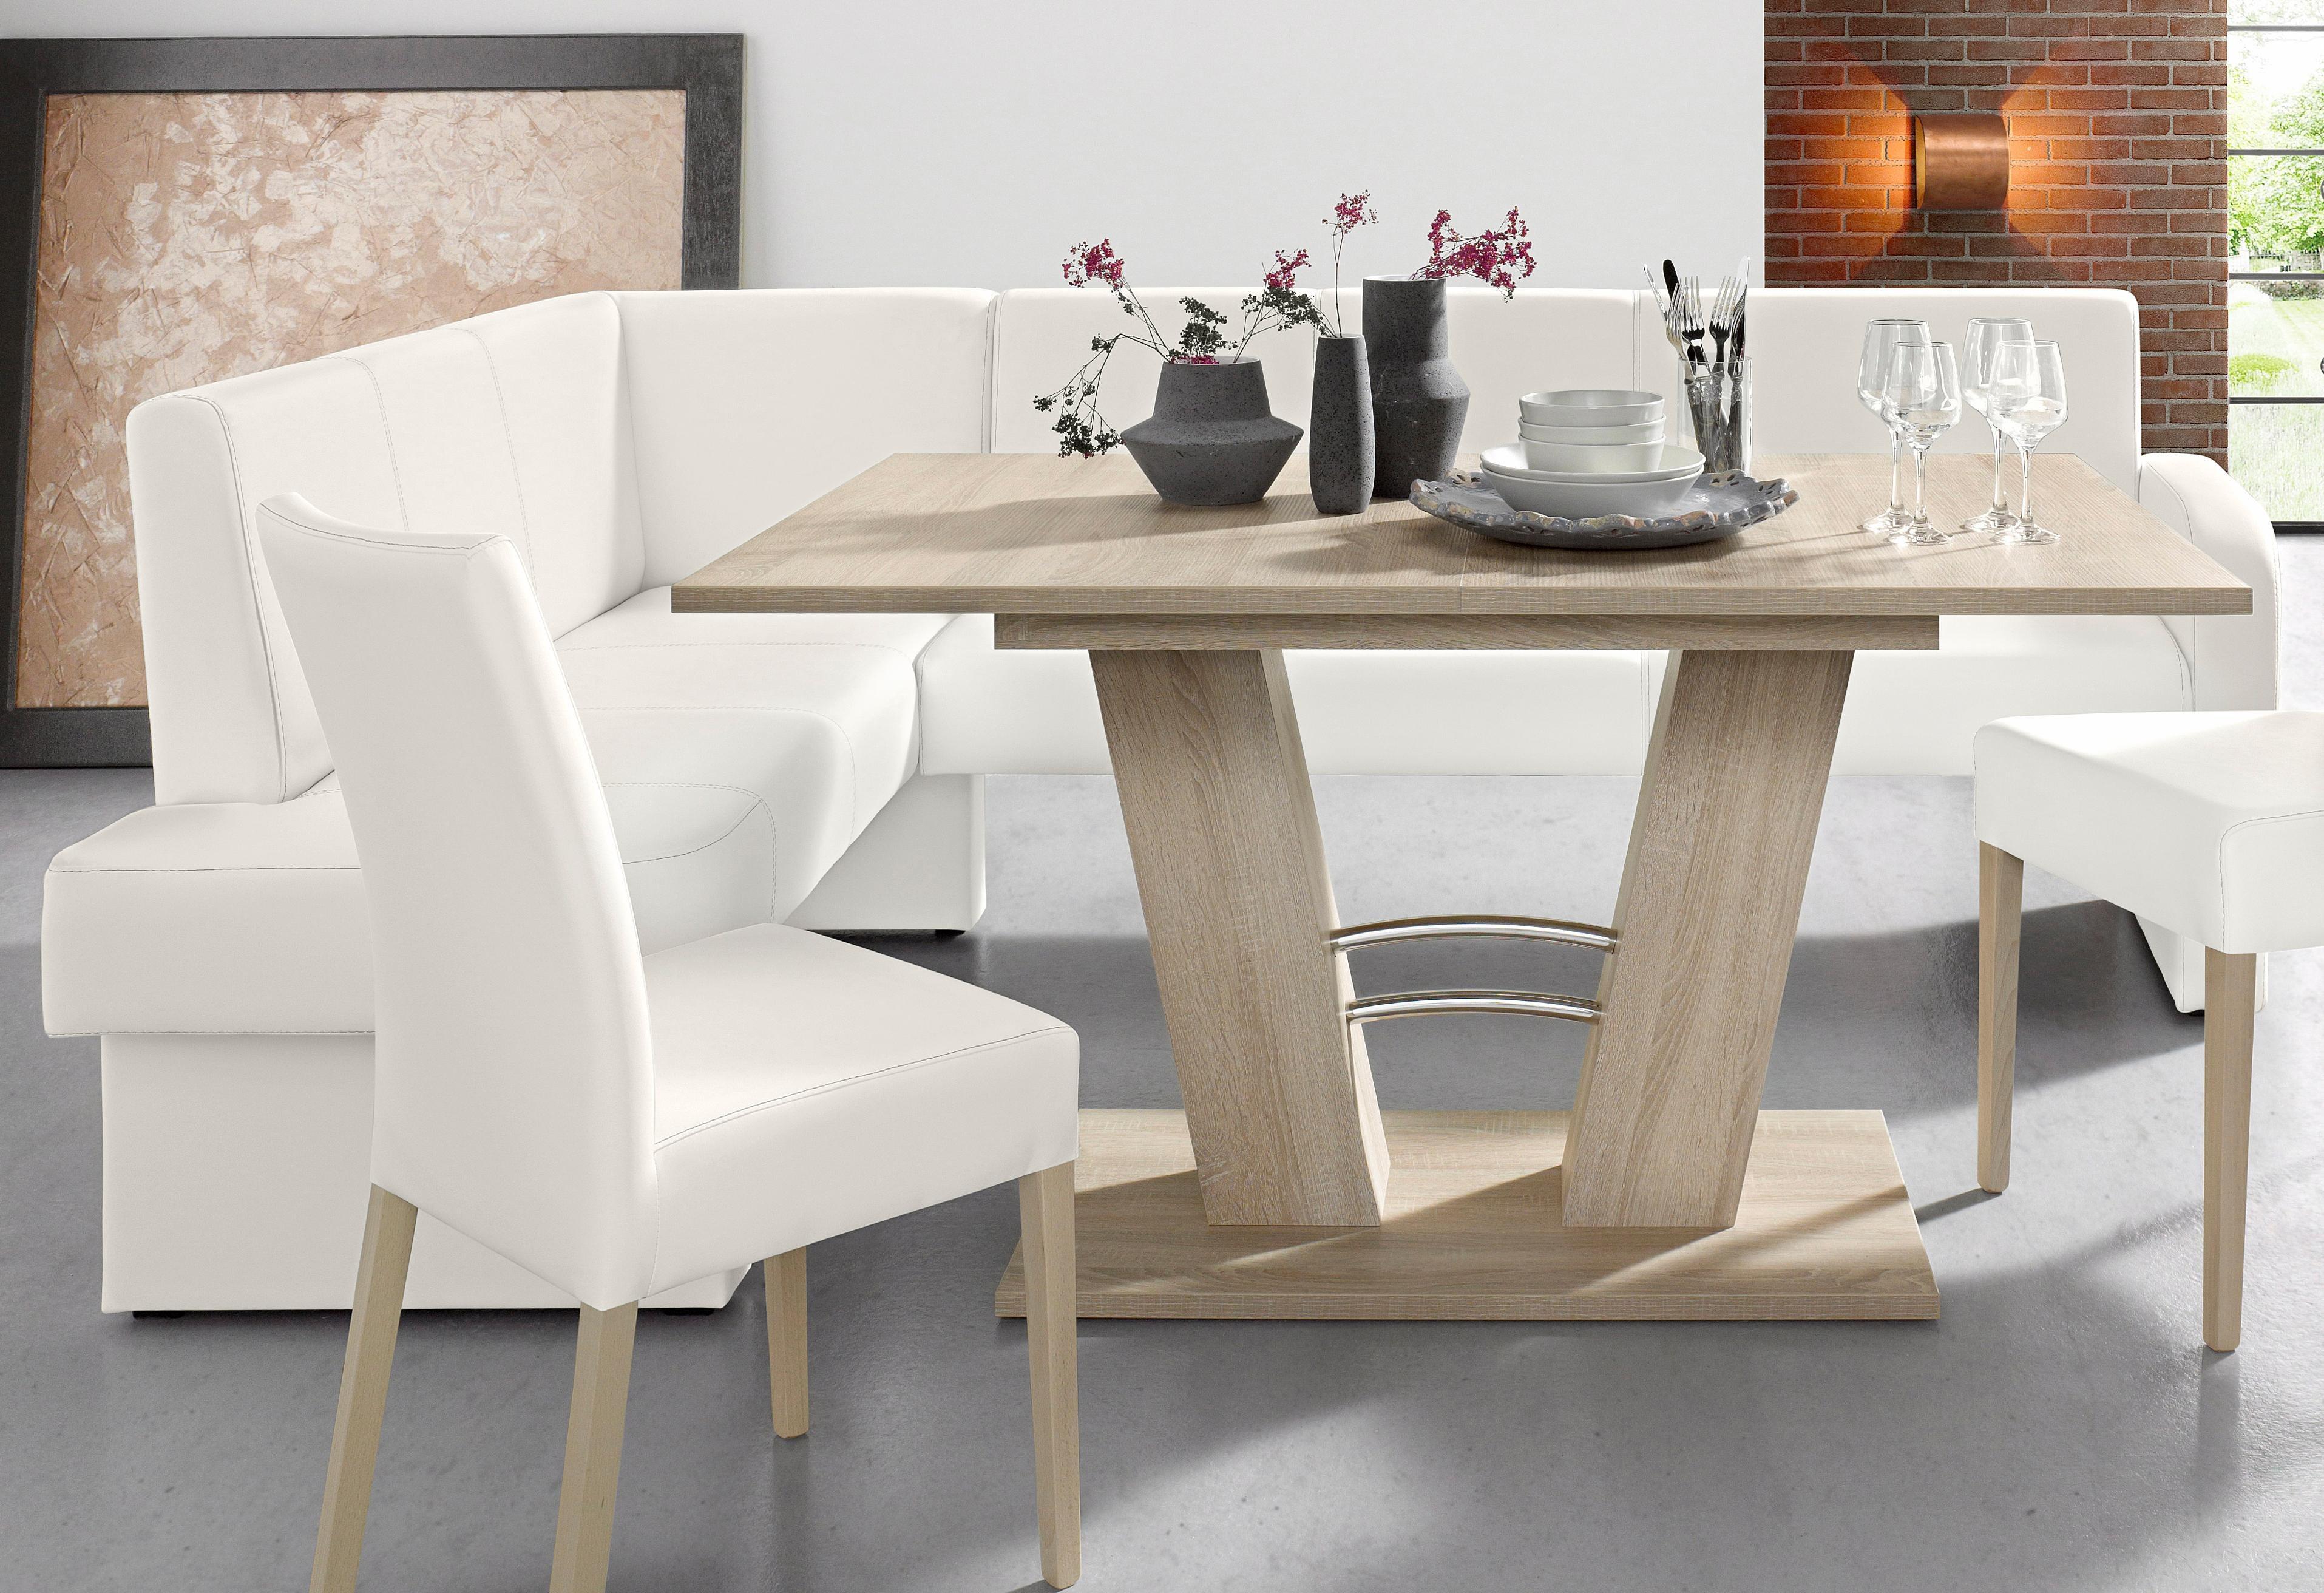 Eckbank dansk design  Möbel und Accessoires für Küche und Esszimmer online kaufen   Möbel ...